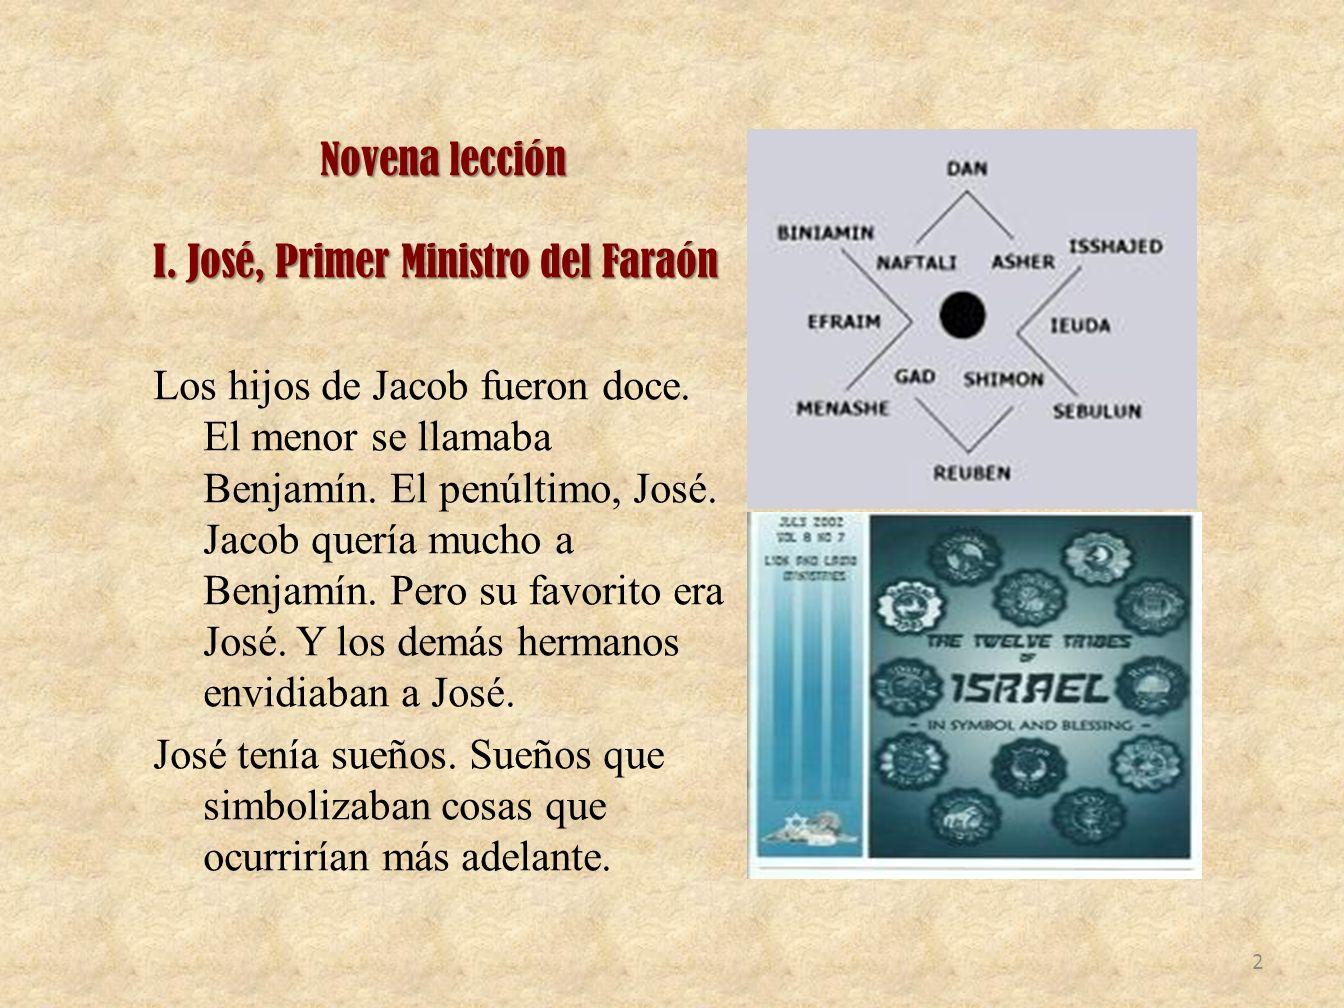 Novena lección I. José, Primer Ministro del Faraón Los hijos de Jacob fueron doce. El menor se llamaba Benjamín. El penúltimo, José. Jacob quería much